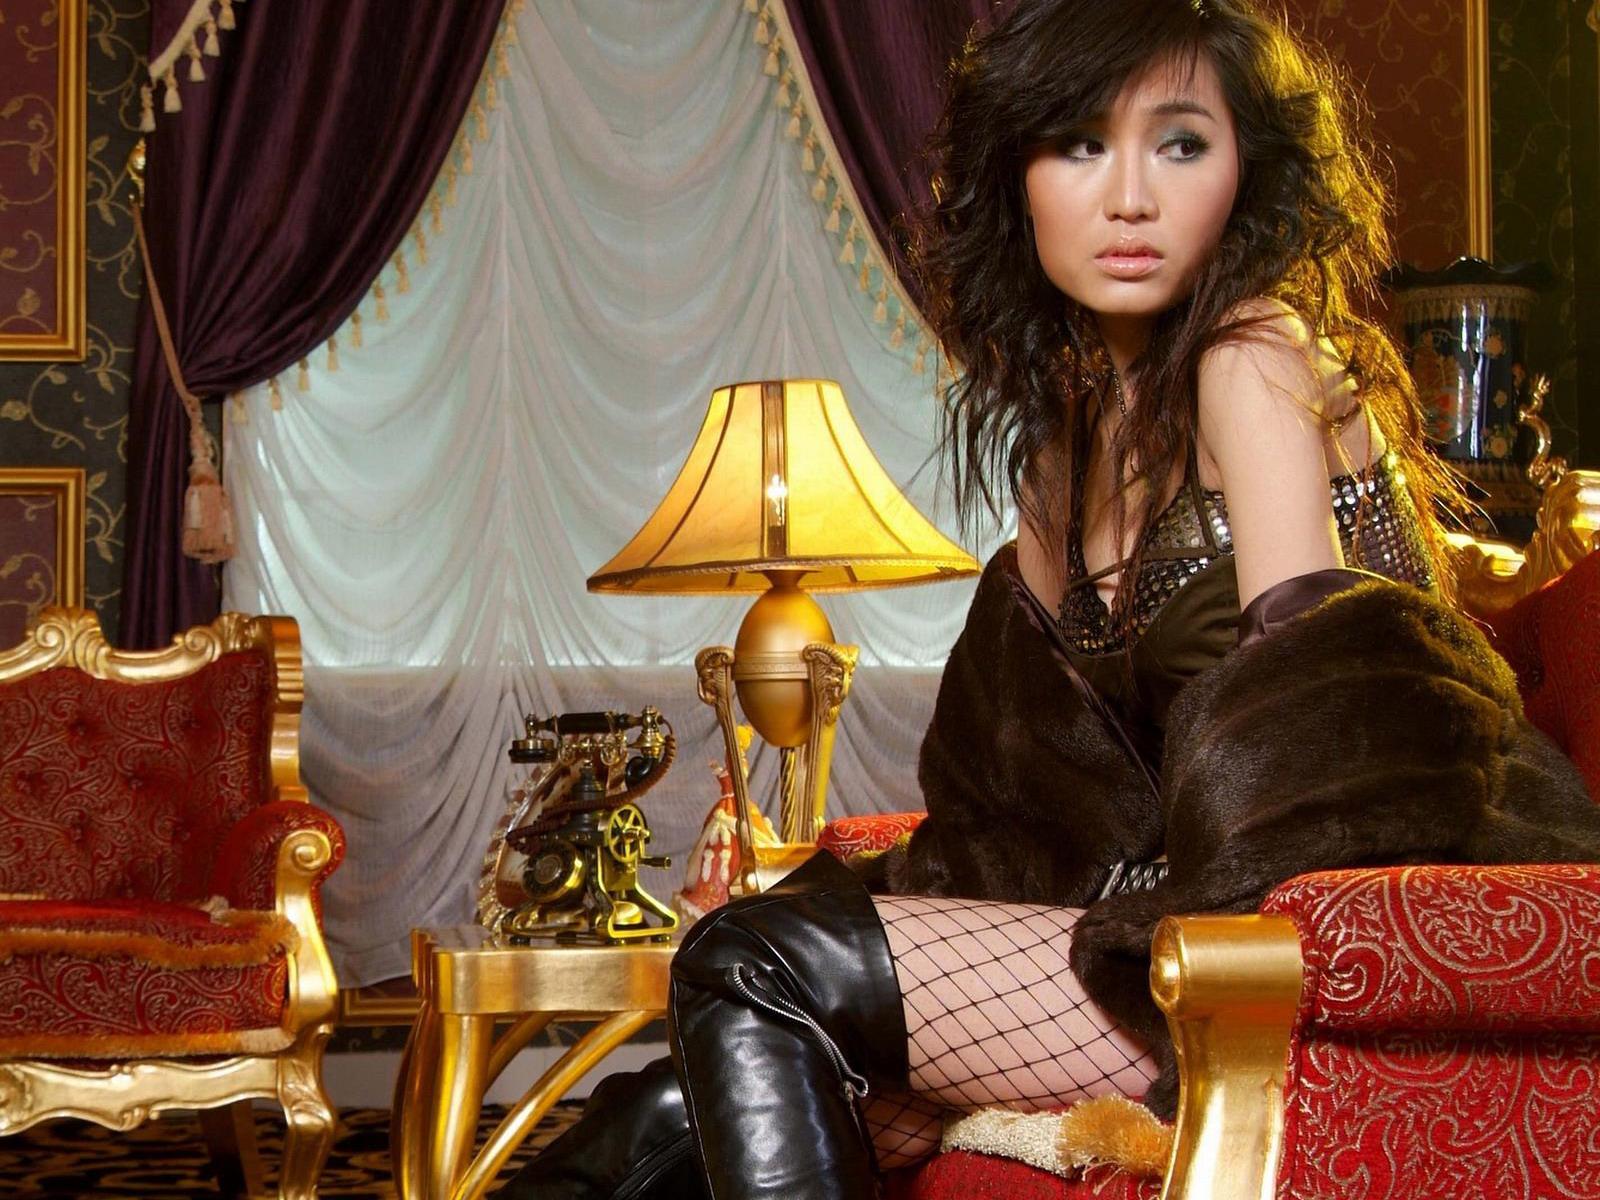 Chicas DonJuan – Fotos de Mujeres Modelos y Actrices